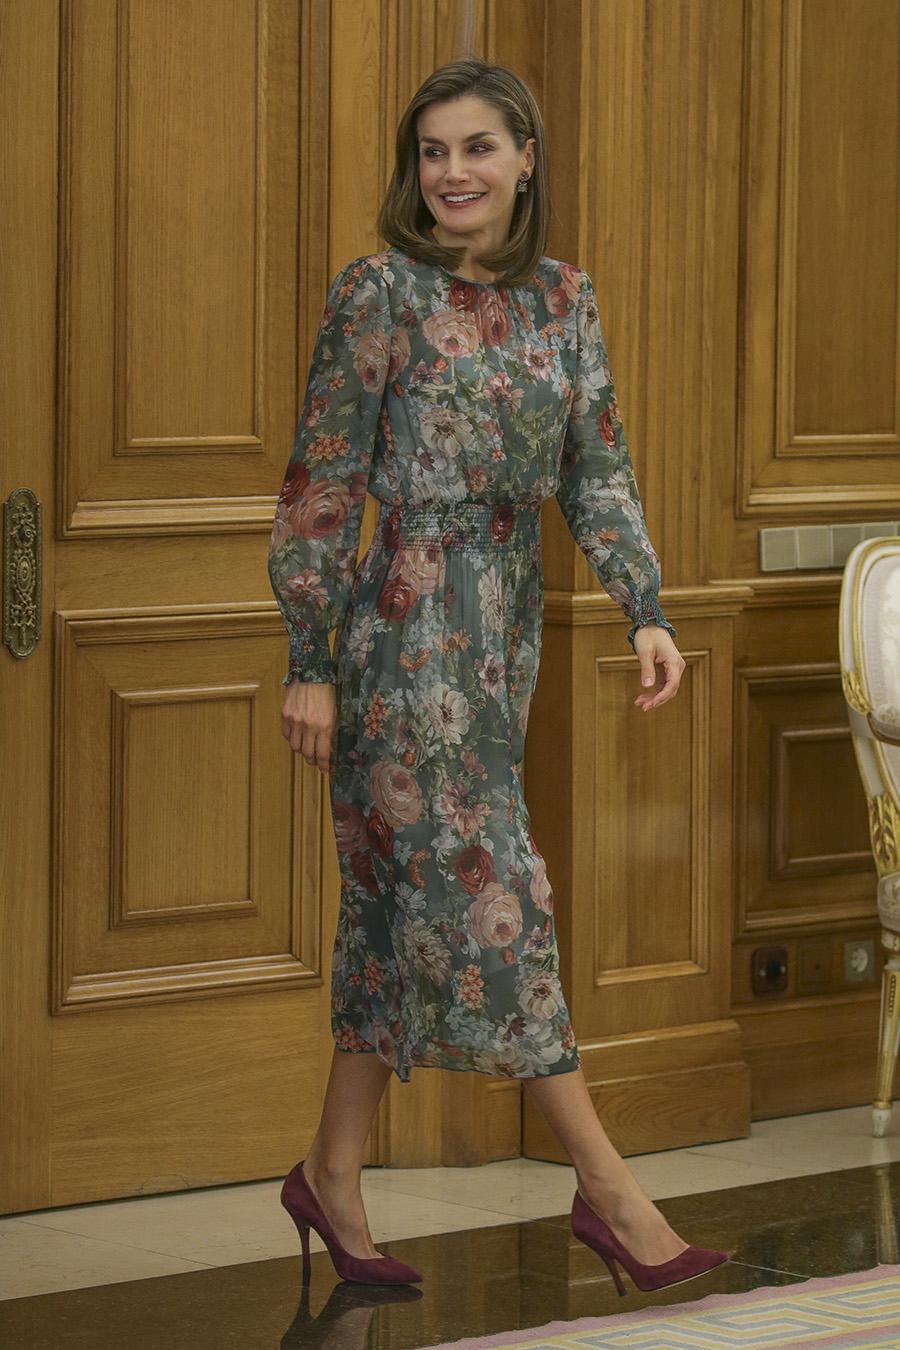 2259edac7 Letizia ortiz 011. Letizia Ortiz tiene el vestido de flores del otoño